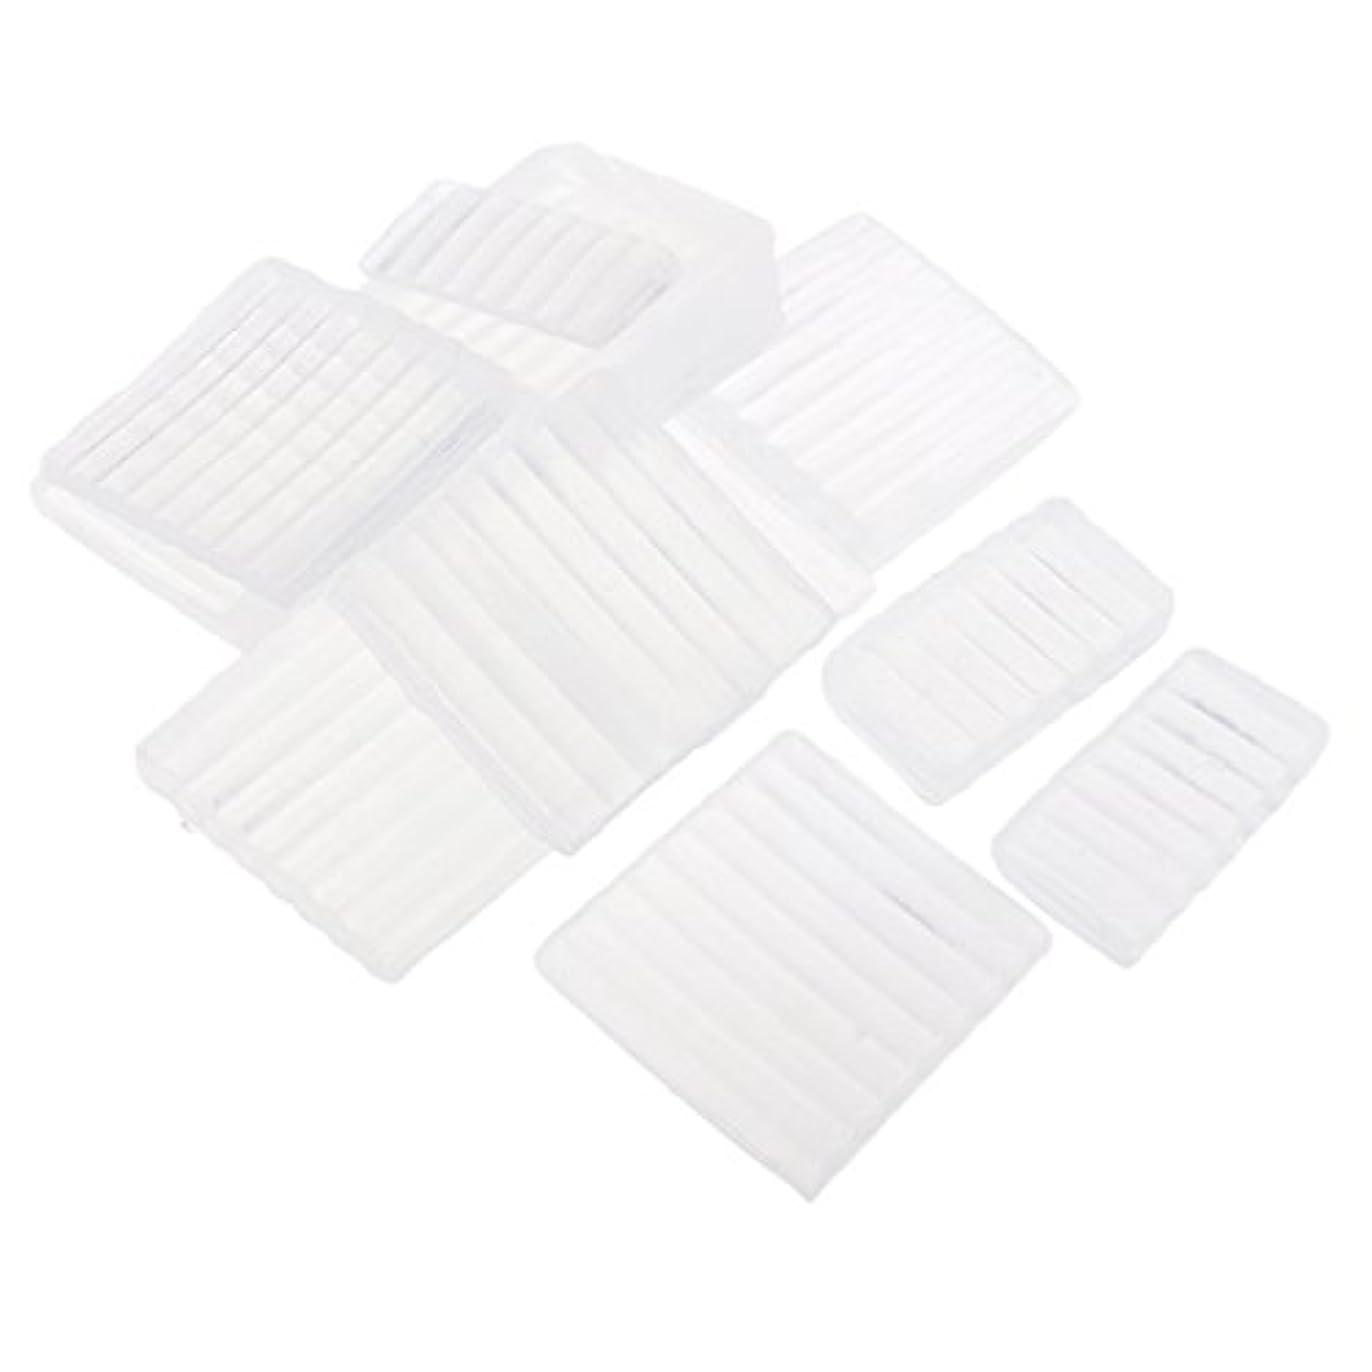 コメンテーター小麦粉どこホワイト 透明 石鹸ベース DIY 手作り 石鹸 材料 約500g